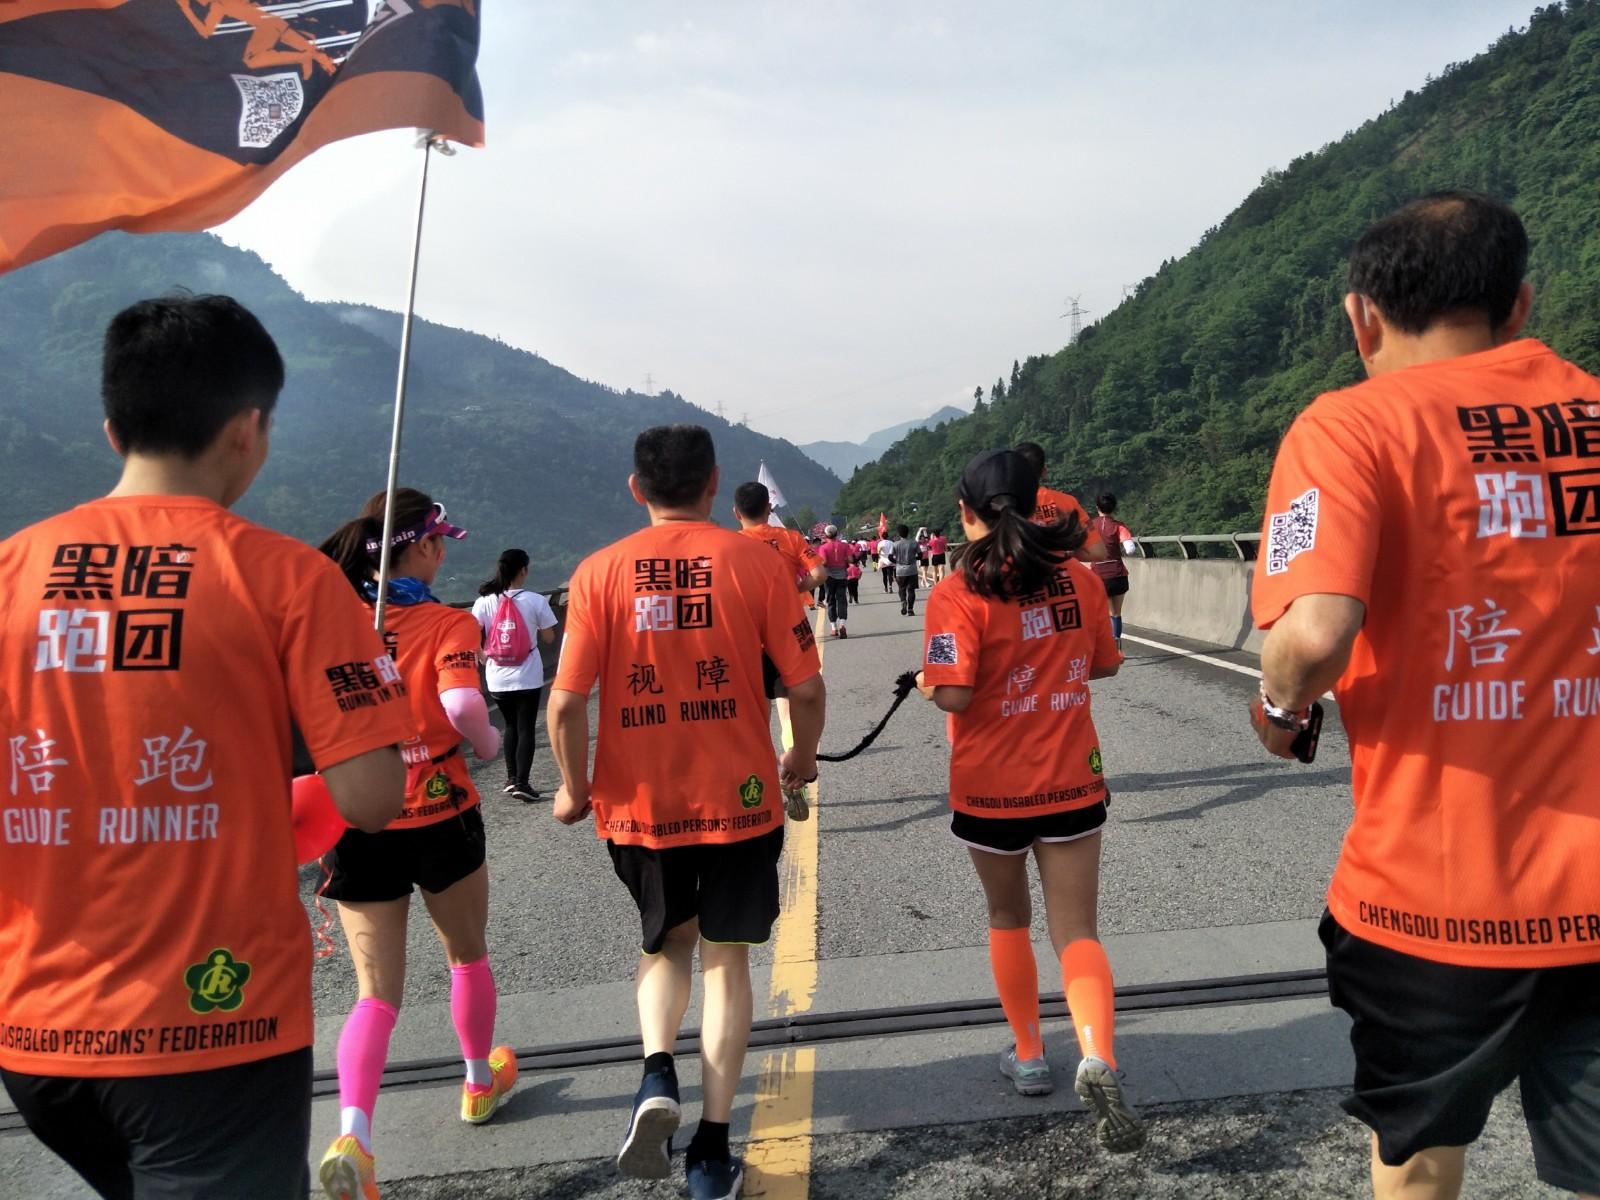 跑出光明:马拉松赛道上的盲人跑者们